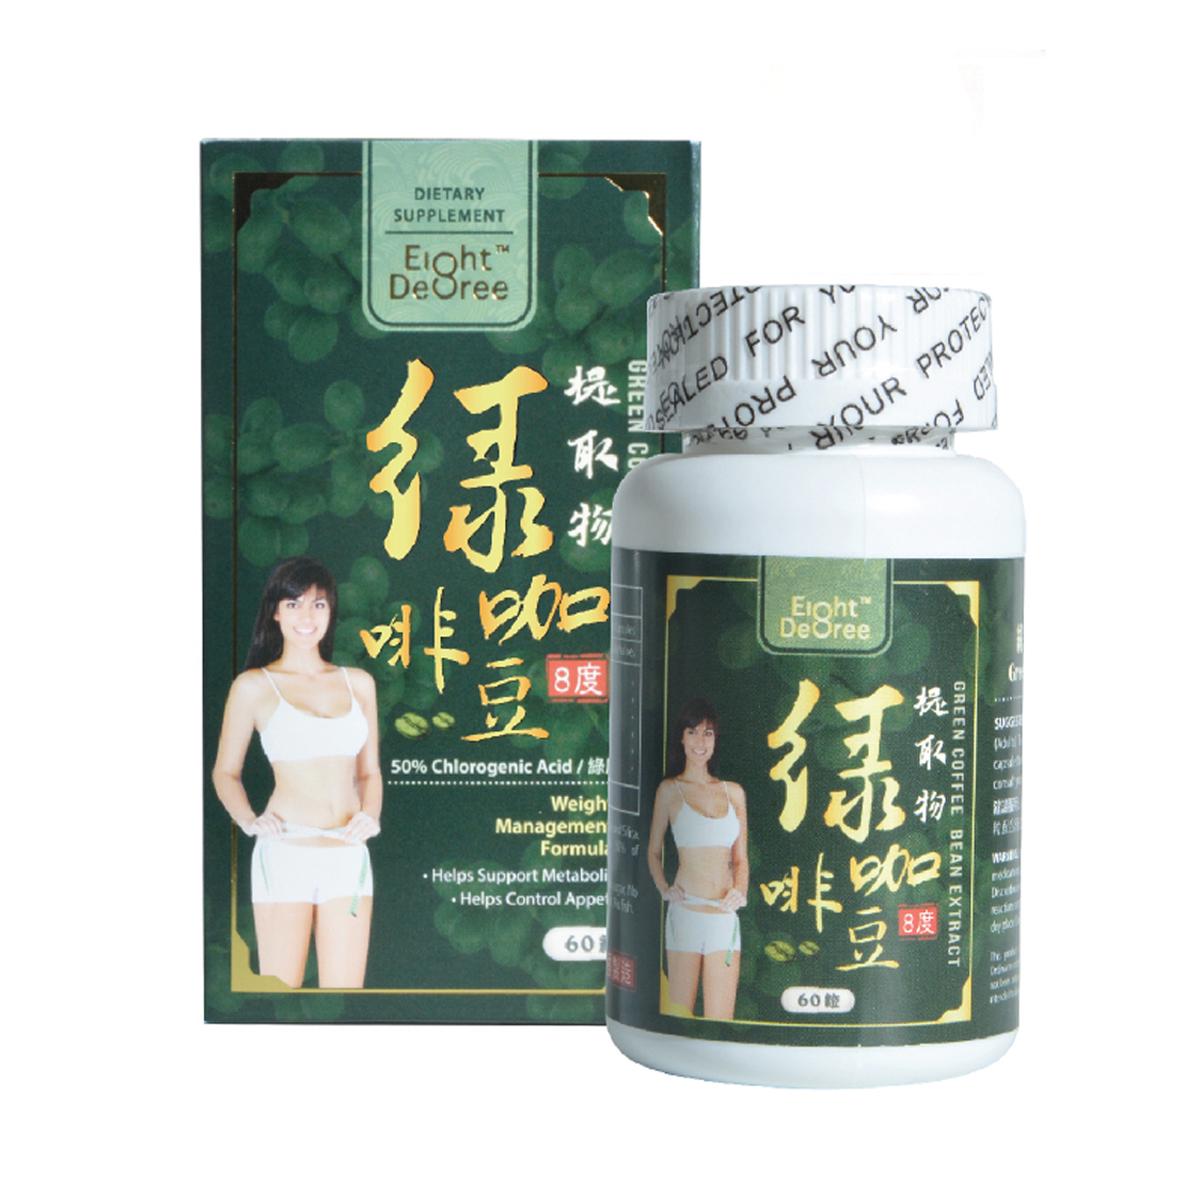 綠咖啡豆提取物